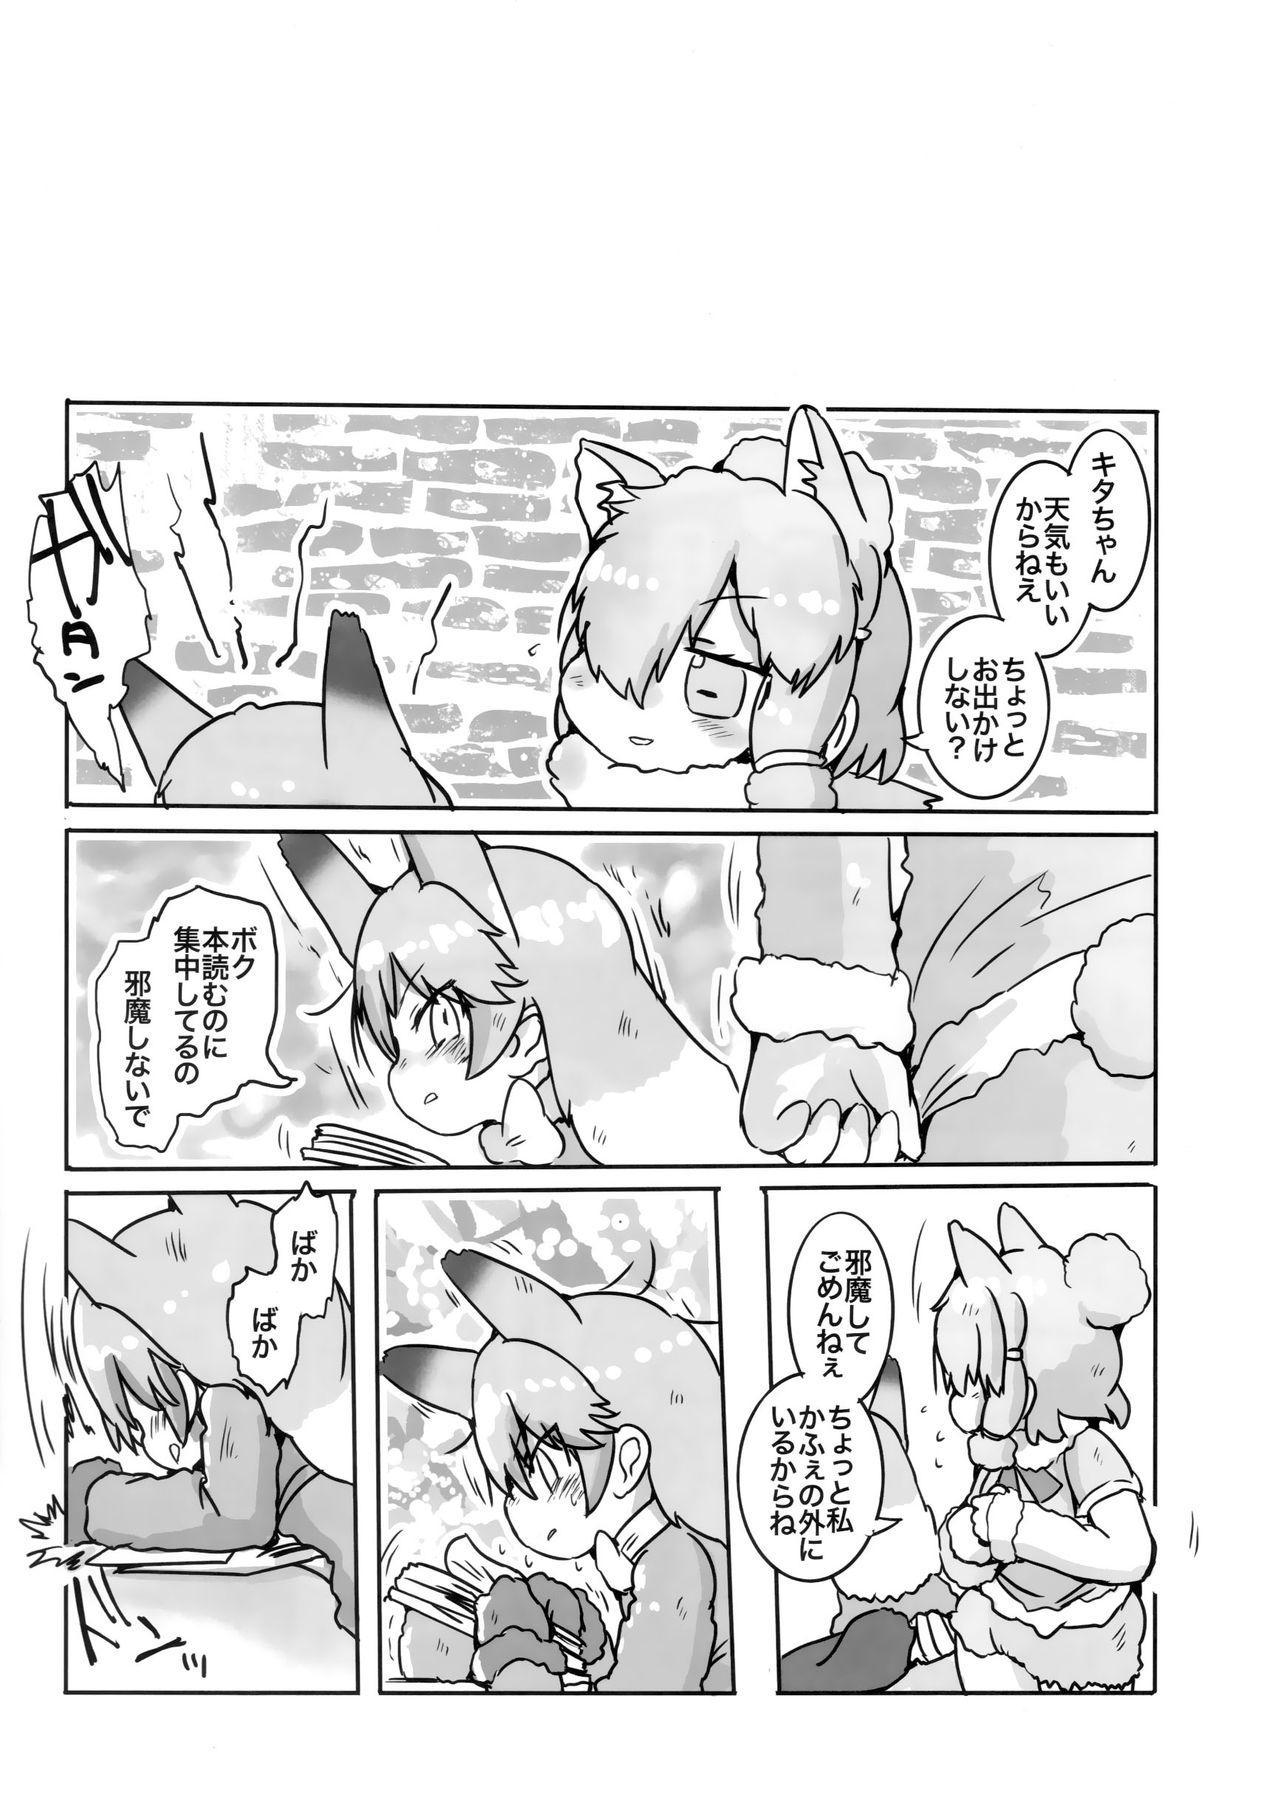 Boku, Koko de Zutto Kimi to Itai. 20